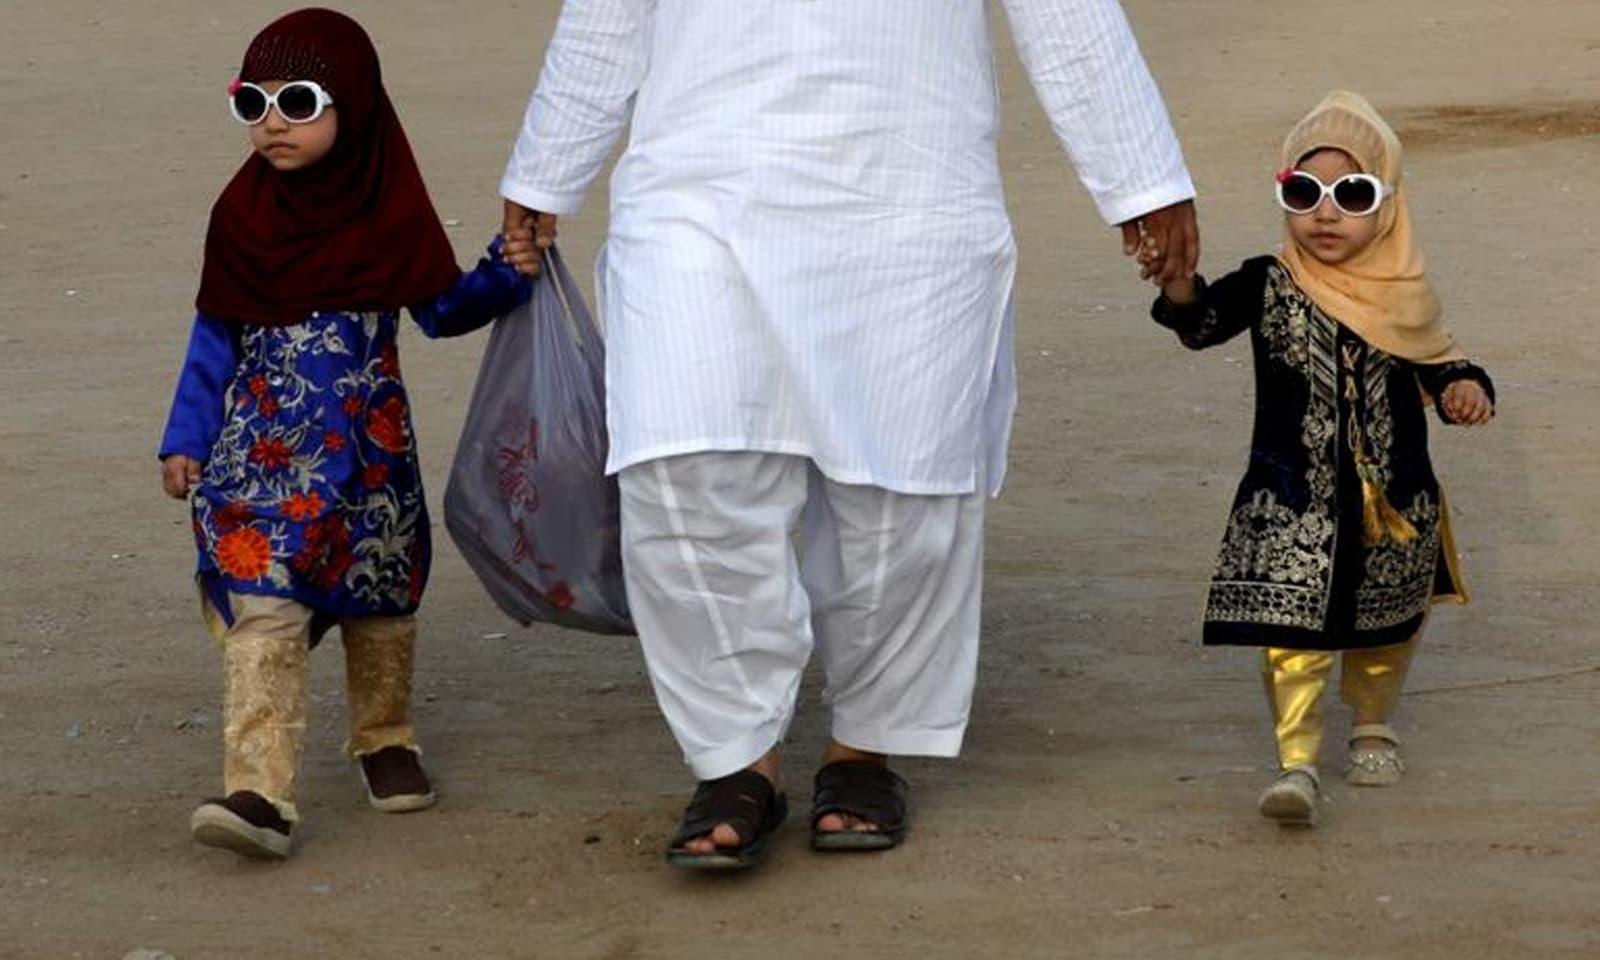 عید کے موقع پر بچوں نے رنگ برنگے ملبوسات پہنے نظر آئے—فوٹو: رائٹرز